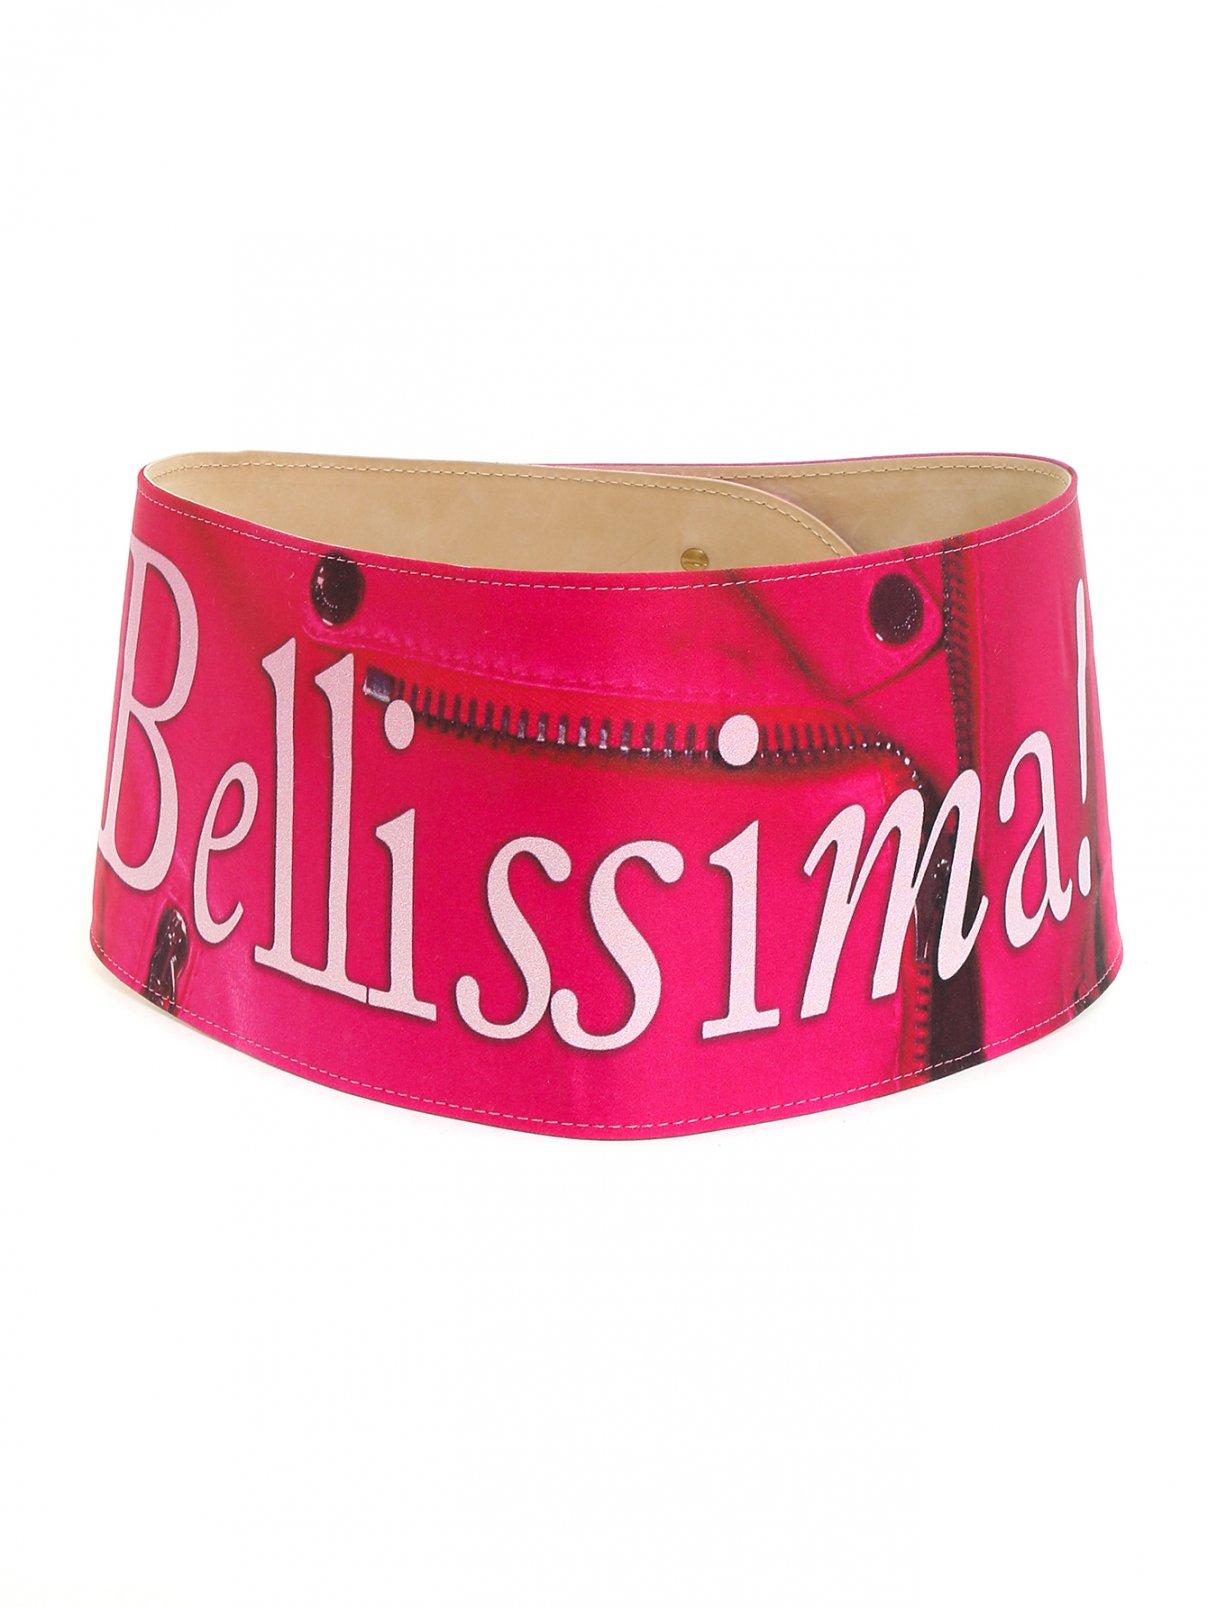 Широкий ремень из кожи Moschino Couture  –  Общий вид  – Цвет:  Розовый